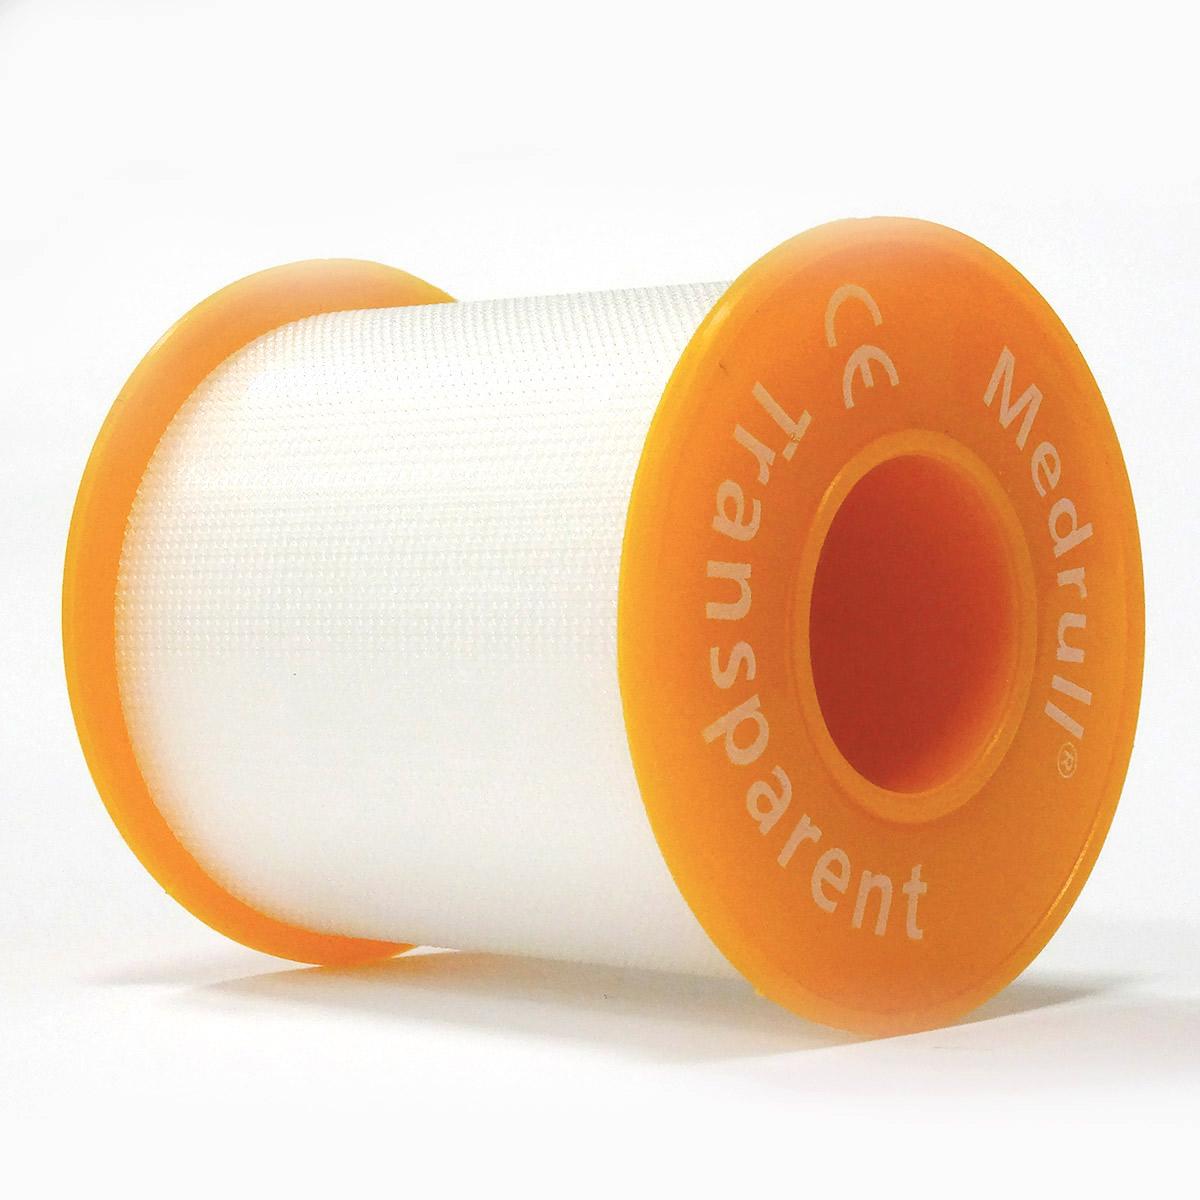 Medrull Лейкопластырь медицинский фиксирующий Transparent, рулонный на полимерной основе, 5х500 см15823ПЛАСТЫРЬ В РУЛЛОНЧИКЕ TRANSPARENT/ ПРОЗРАЧНЫЙ Состав Полимерный материал. Структура материала Перфорированый полимерный материал на цинк – оксидной основе. Размер 5cм x 500cм